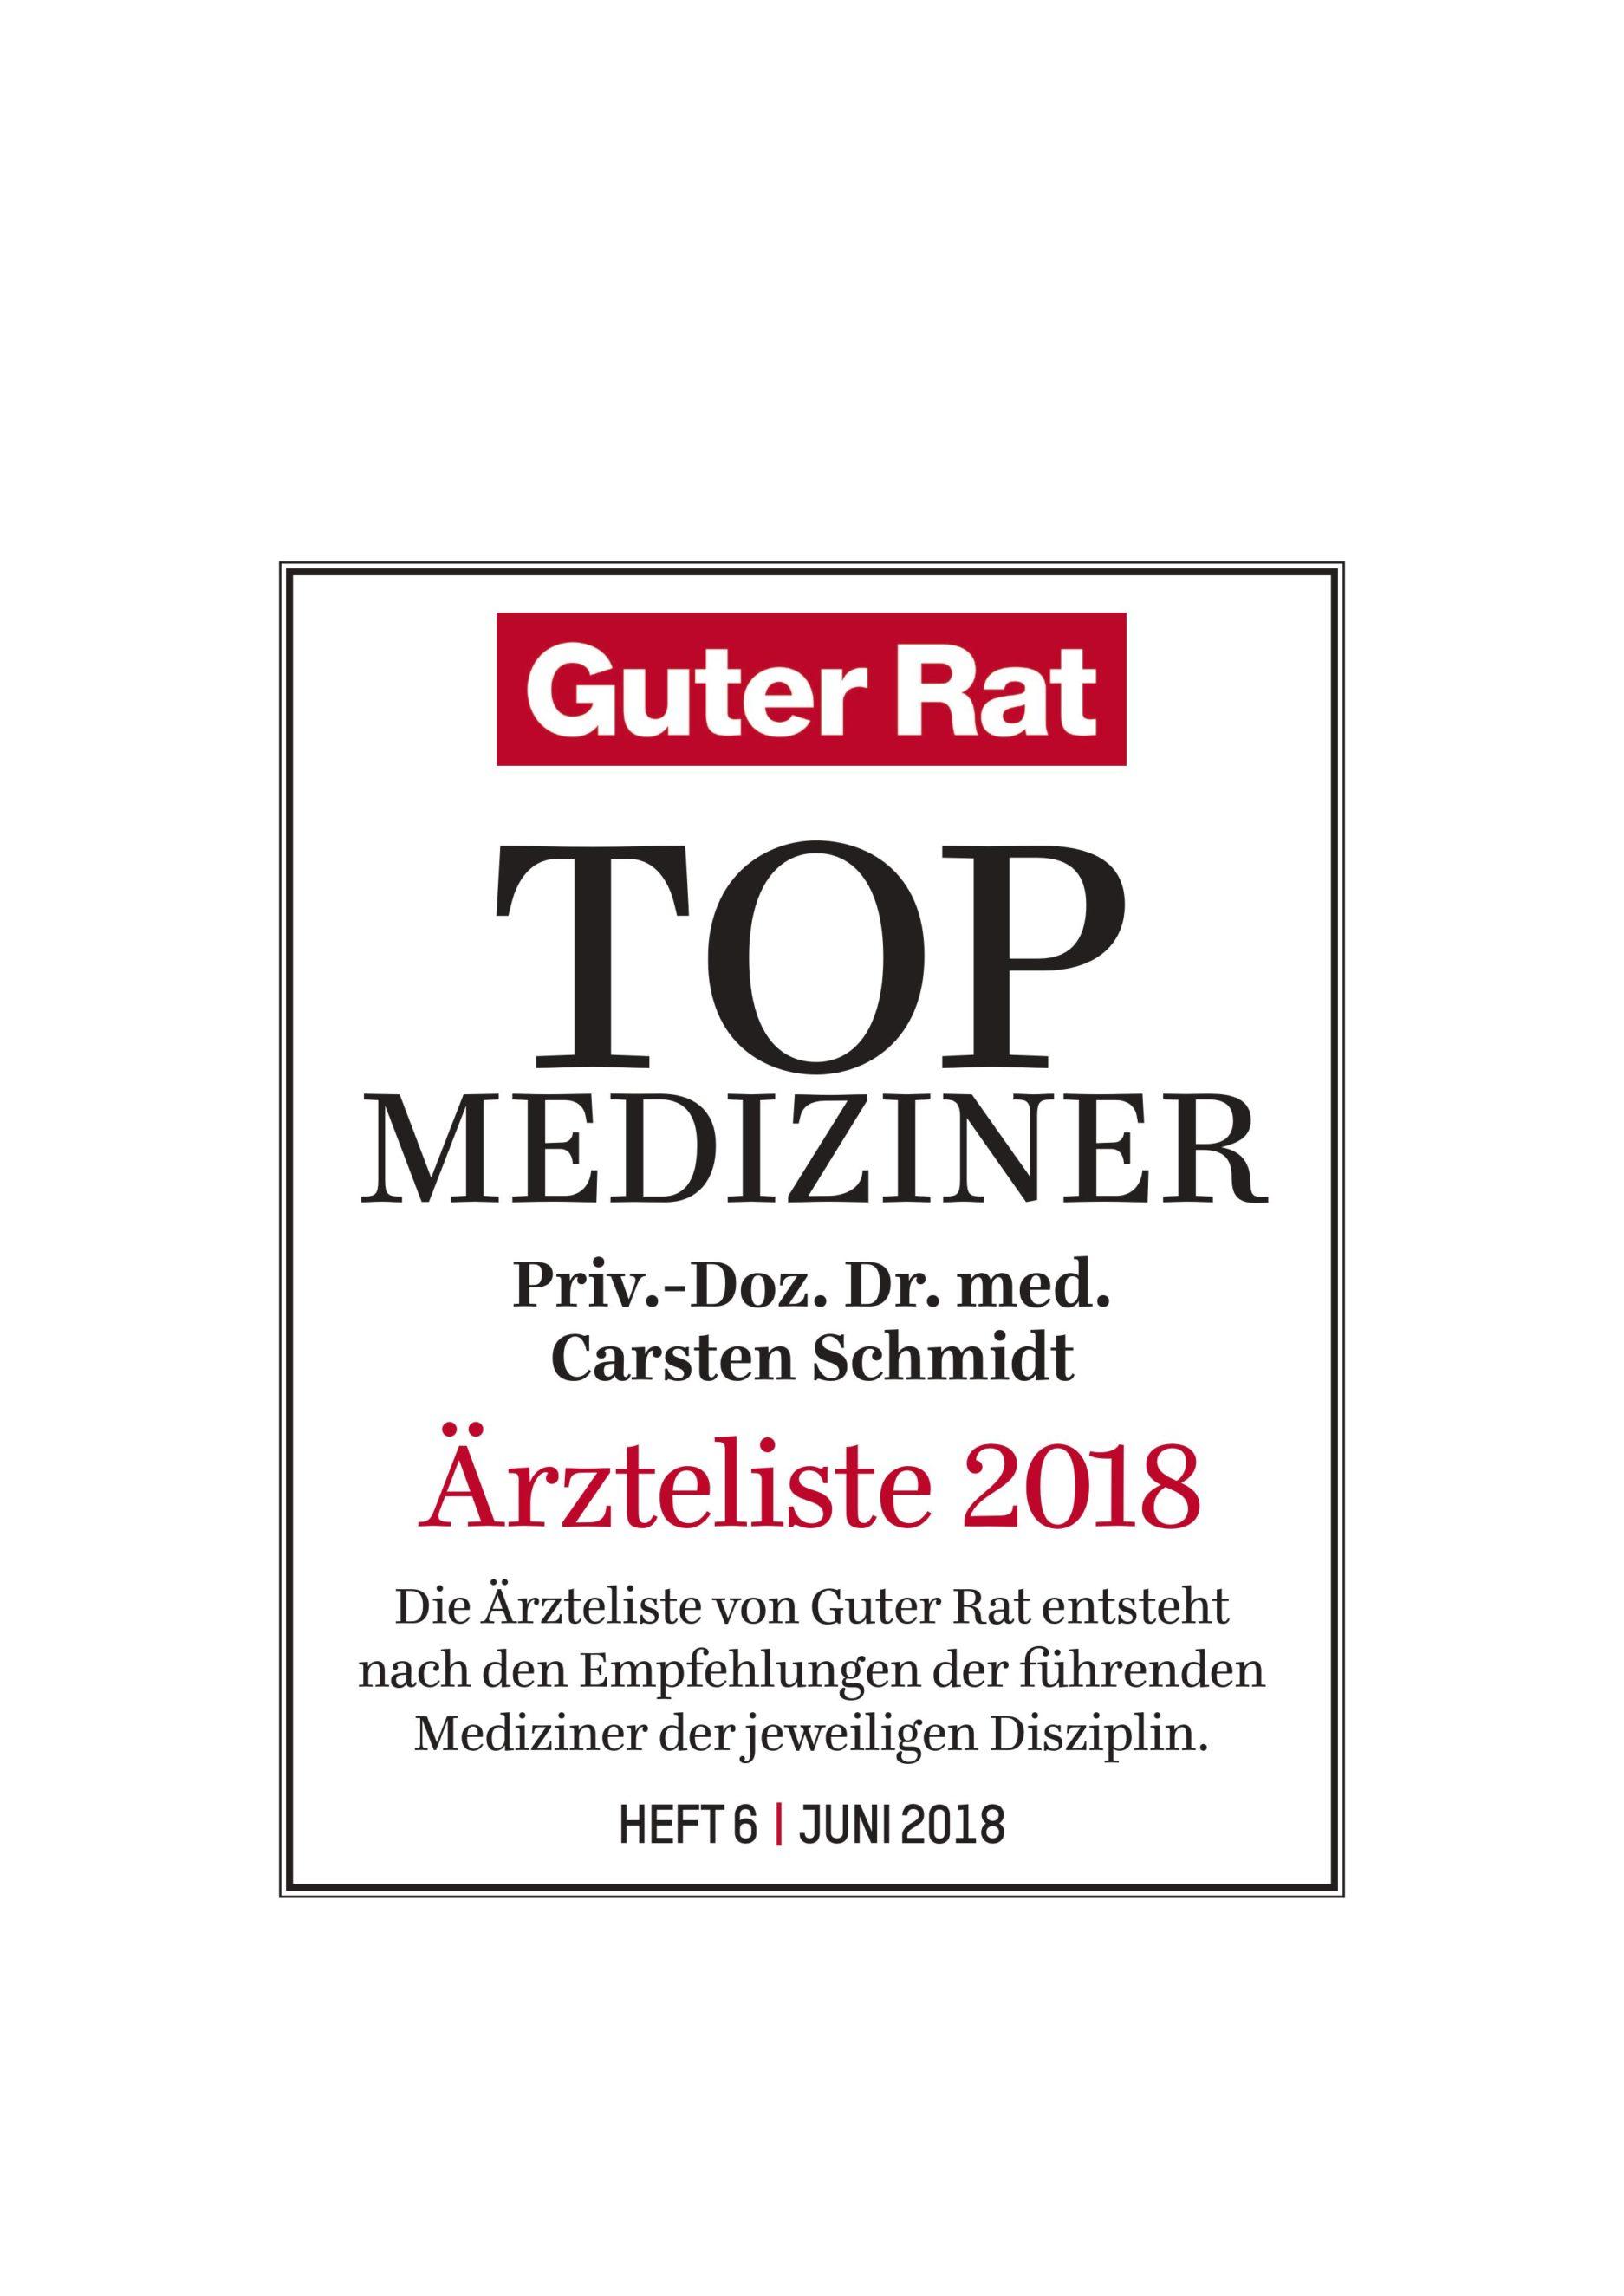 Gemütlich Reha Stehenden Rahmen Ideen - Rahmen Ideen ...